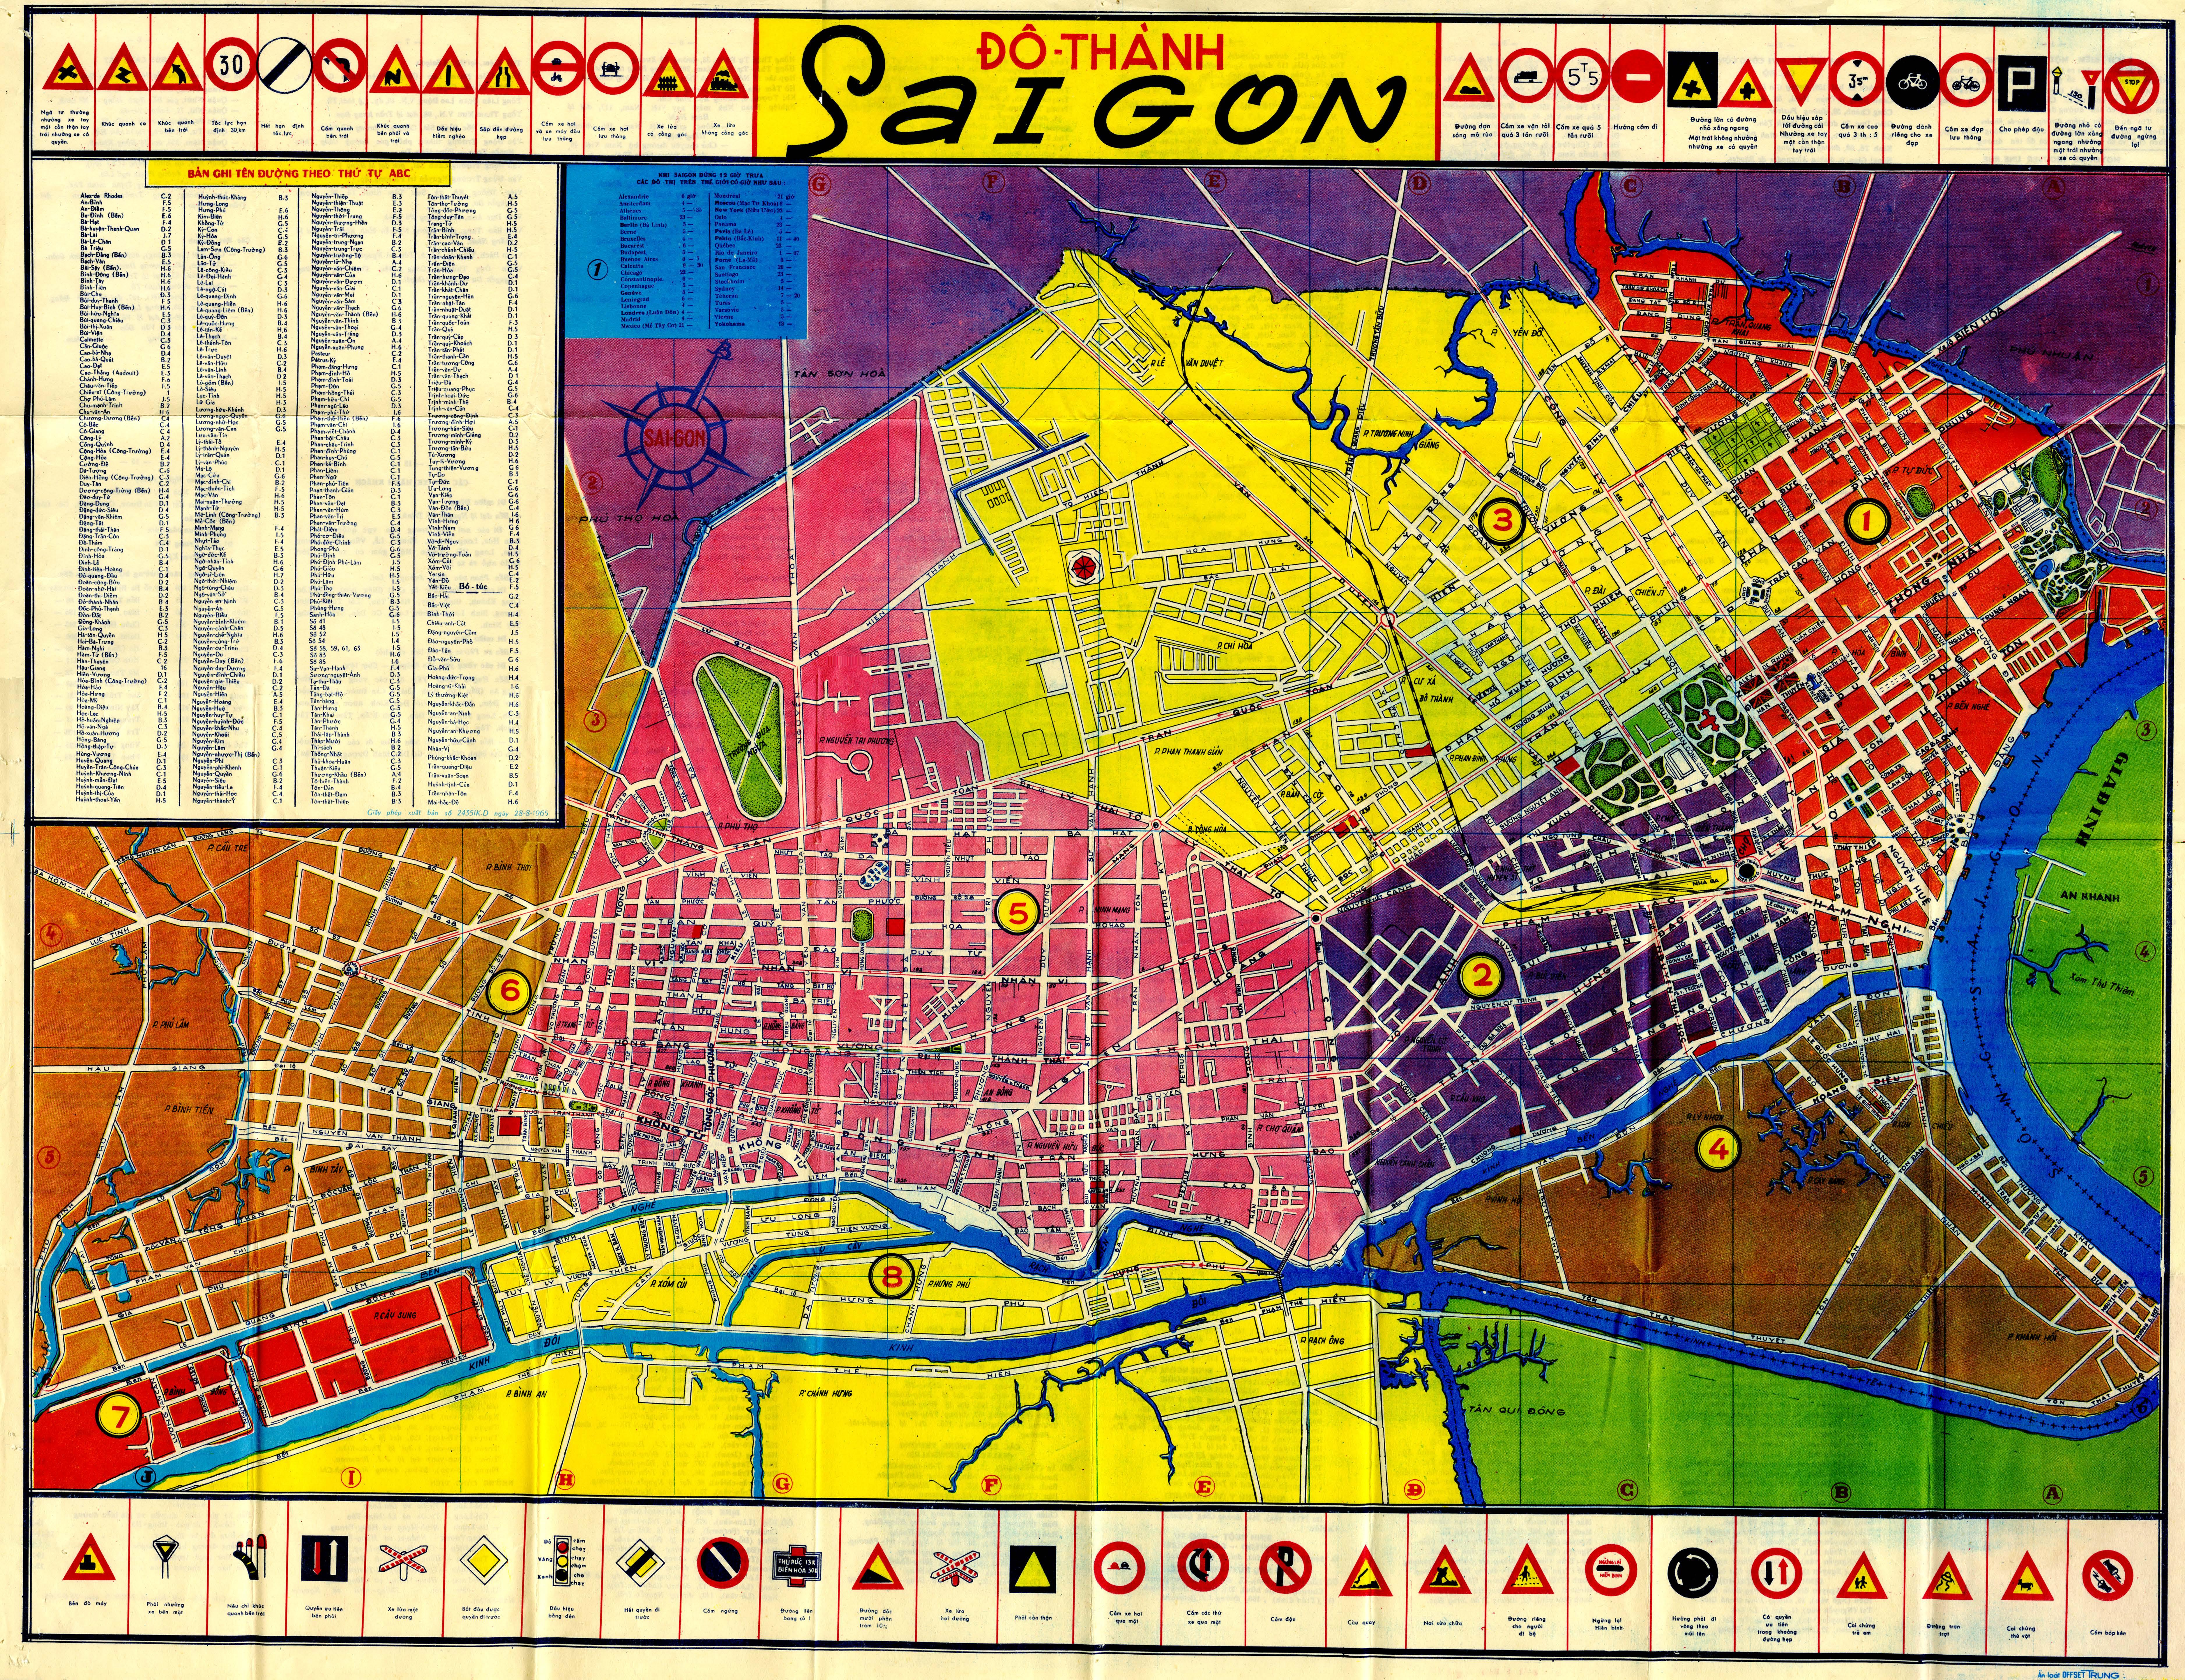 Map of Saigon, South Vietnam, 1965